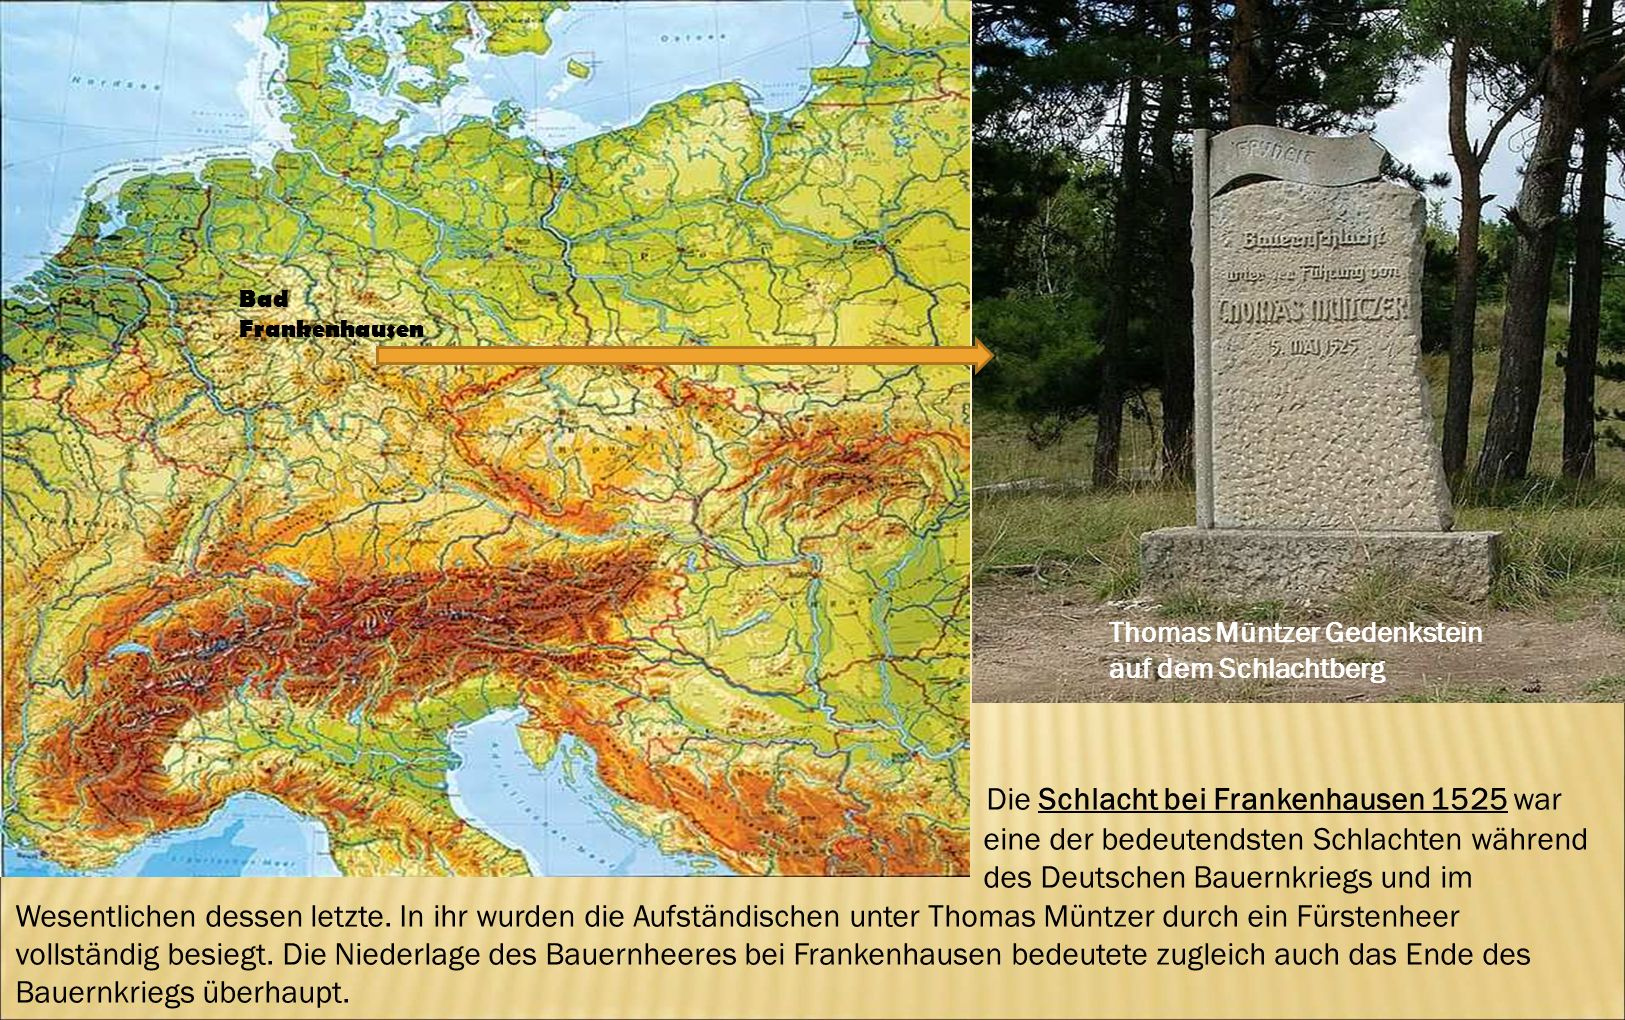 Die Schlacht bei Frankenhausen 1525 war